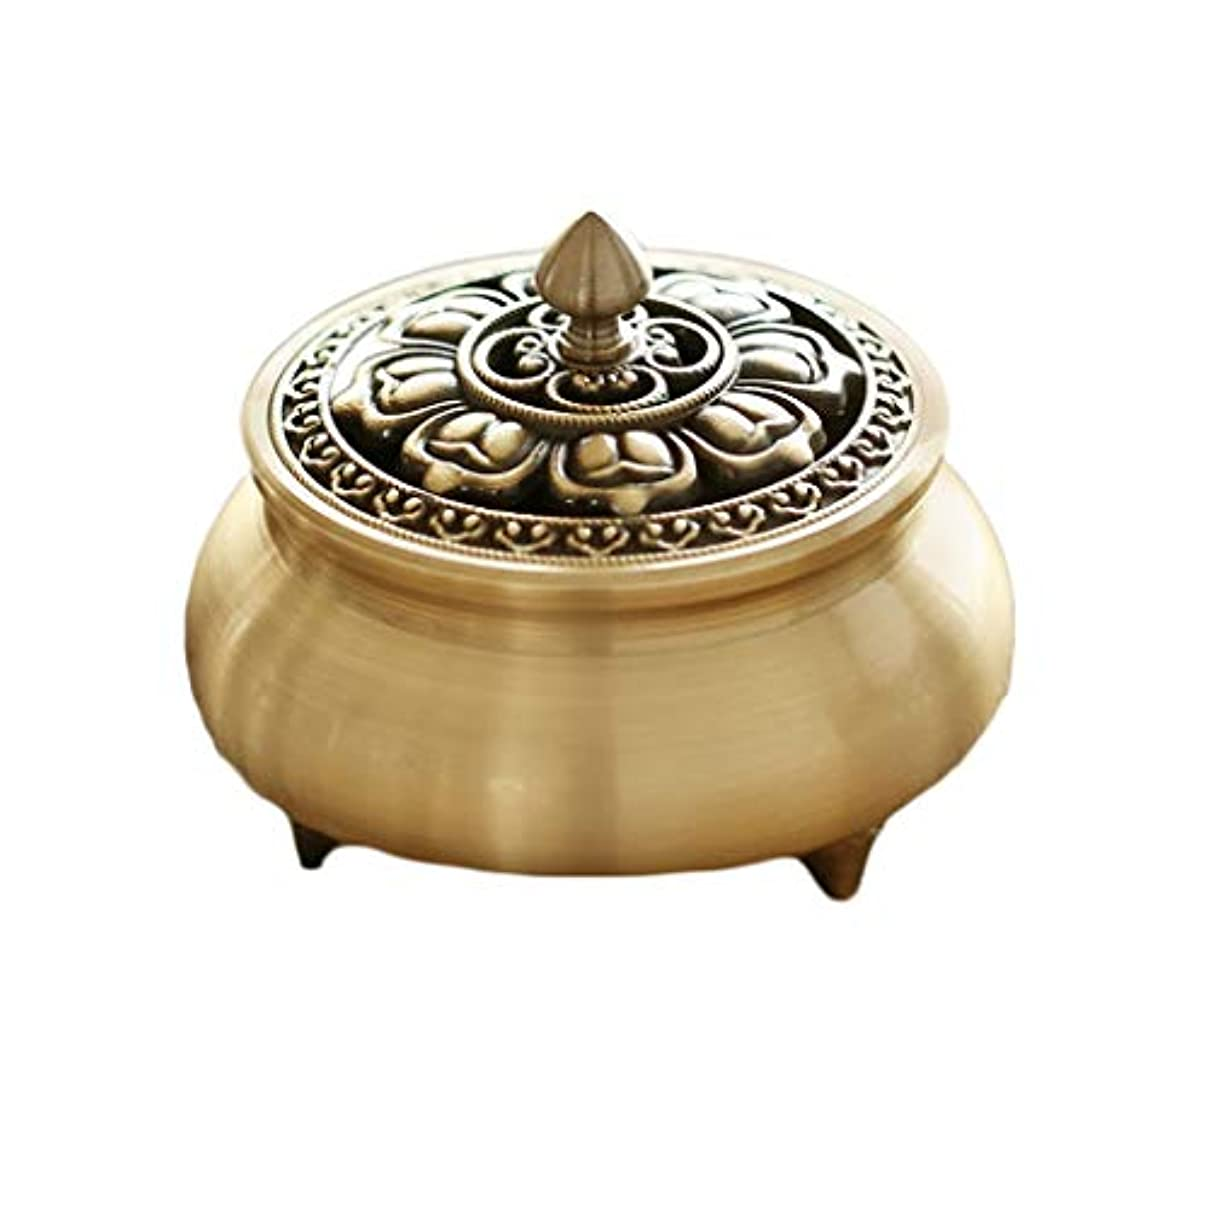 スムーズに望ましい過度に芳香器?アロマバーナー 純粋な銅香炉ホームアンティーク白檀用仏寒天香炉香り装飾アロマセラピー炉 アロマバーナー (Color : Brass)